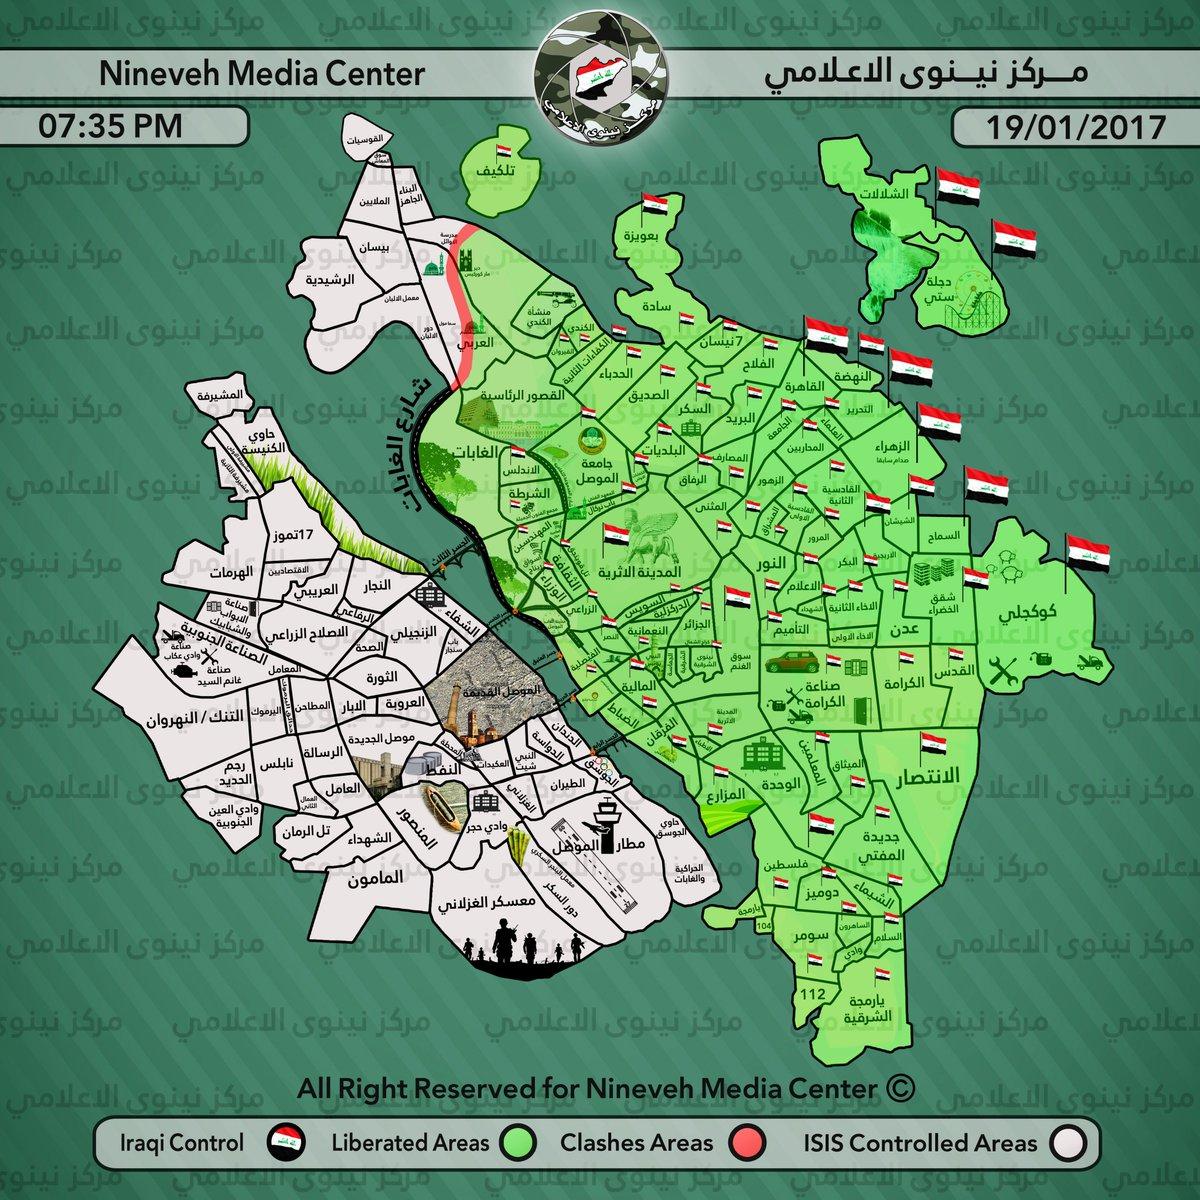 متابعة مستجدات الساحة العراقية - صفحة 29 C2jGZKvWQAAHrI9